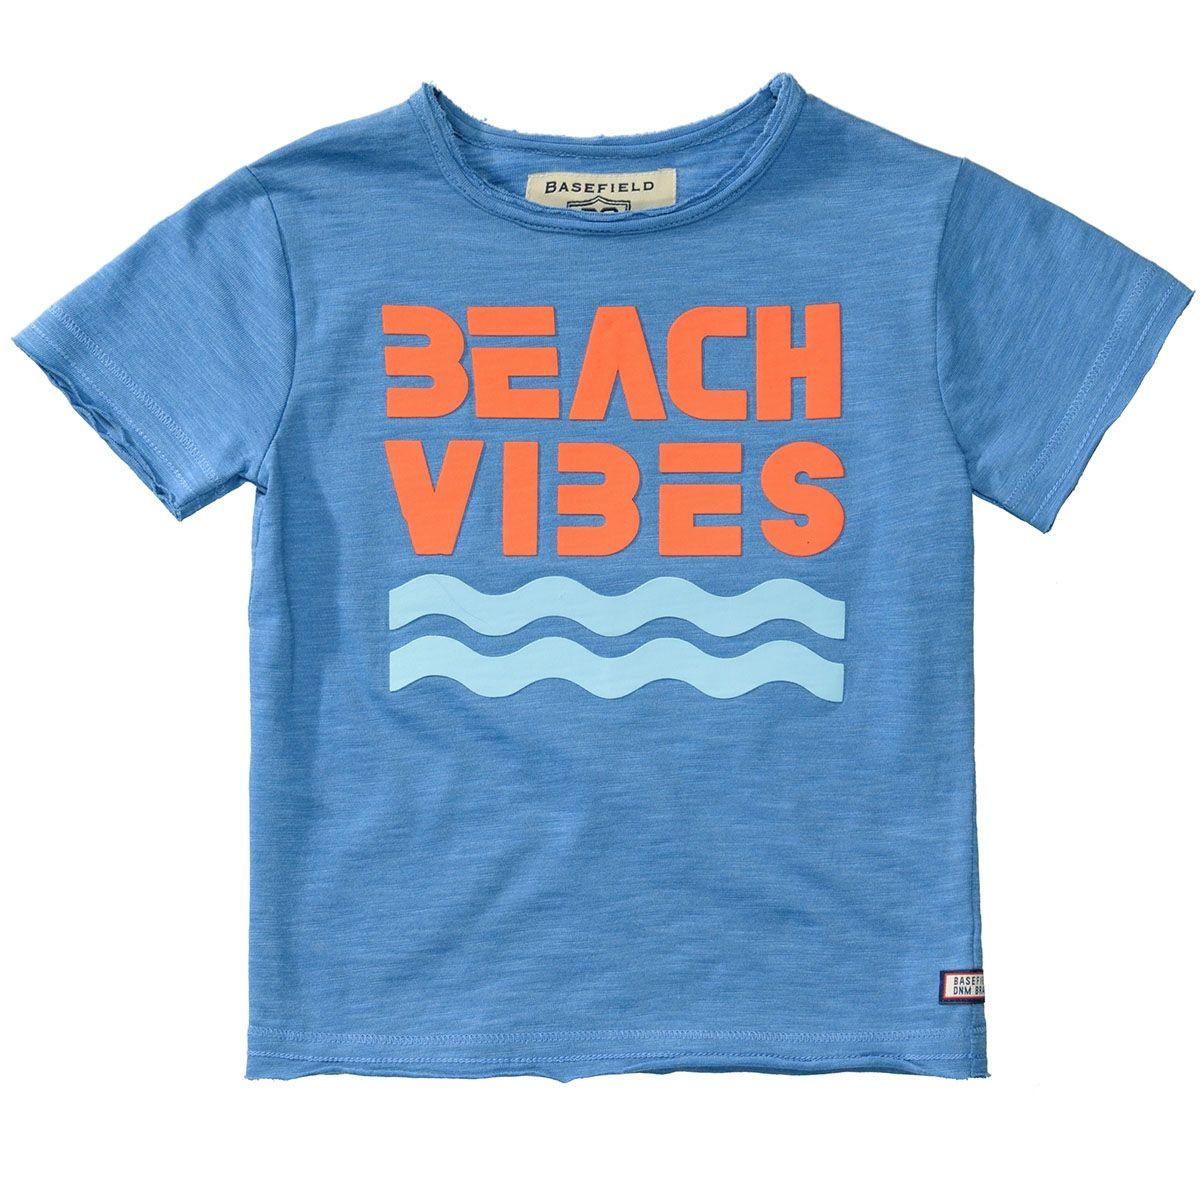 BASEFIELD T-Shirt BEACH VIBES - Light Ocean